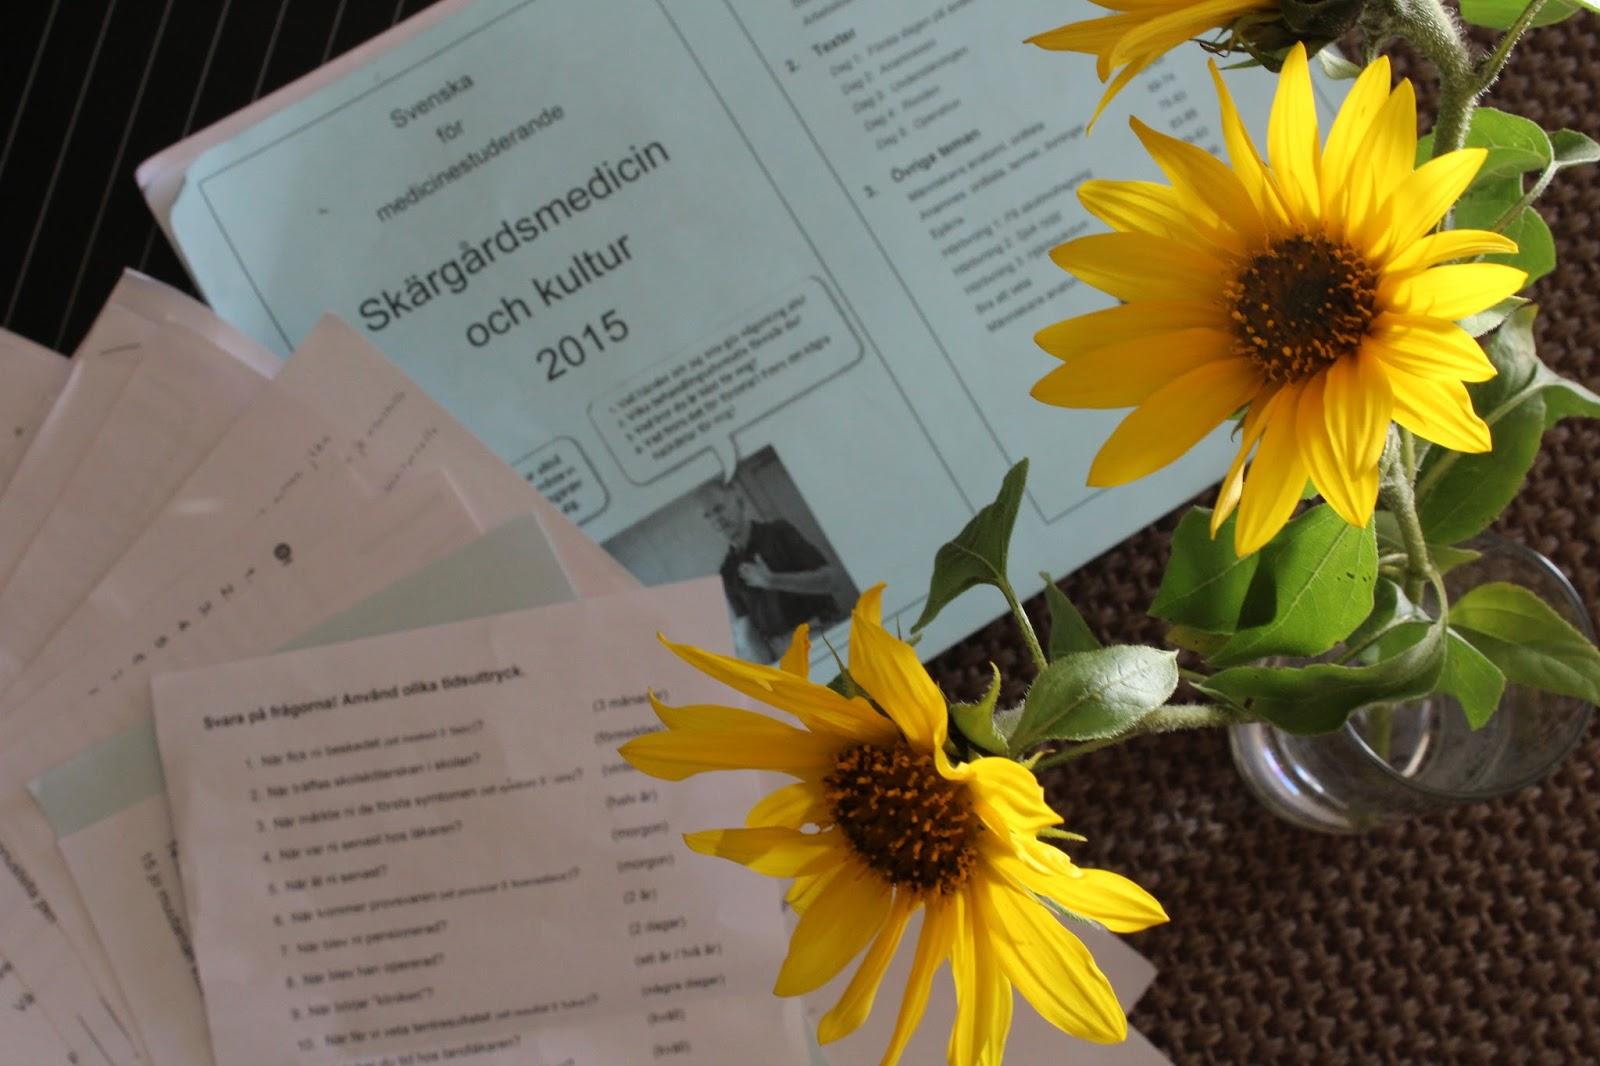 lääketieteen lisensiaatti ruotsiksi